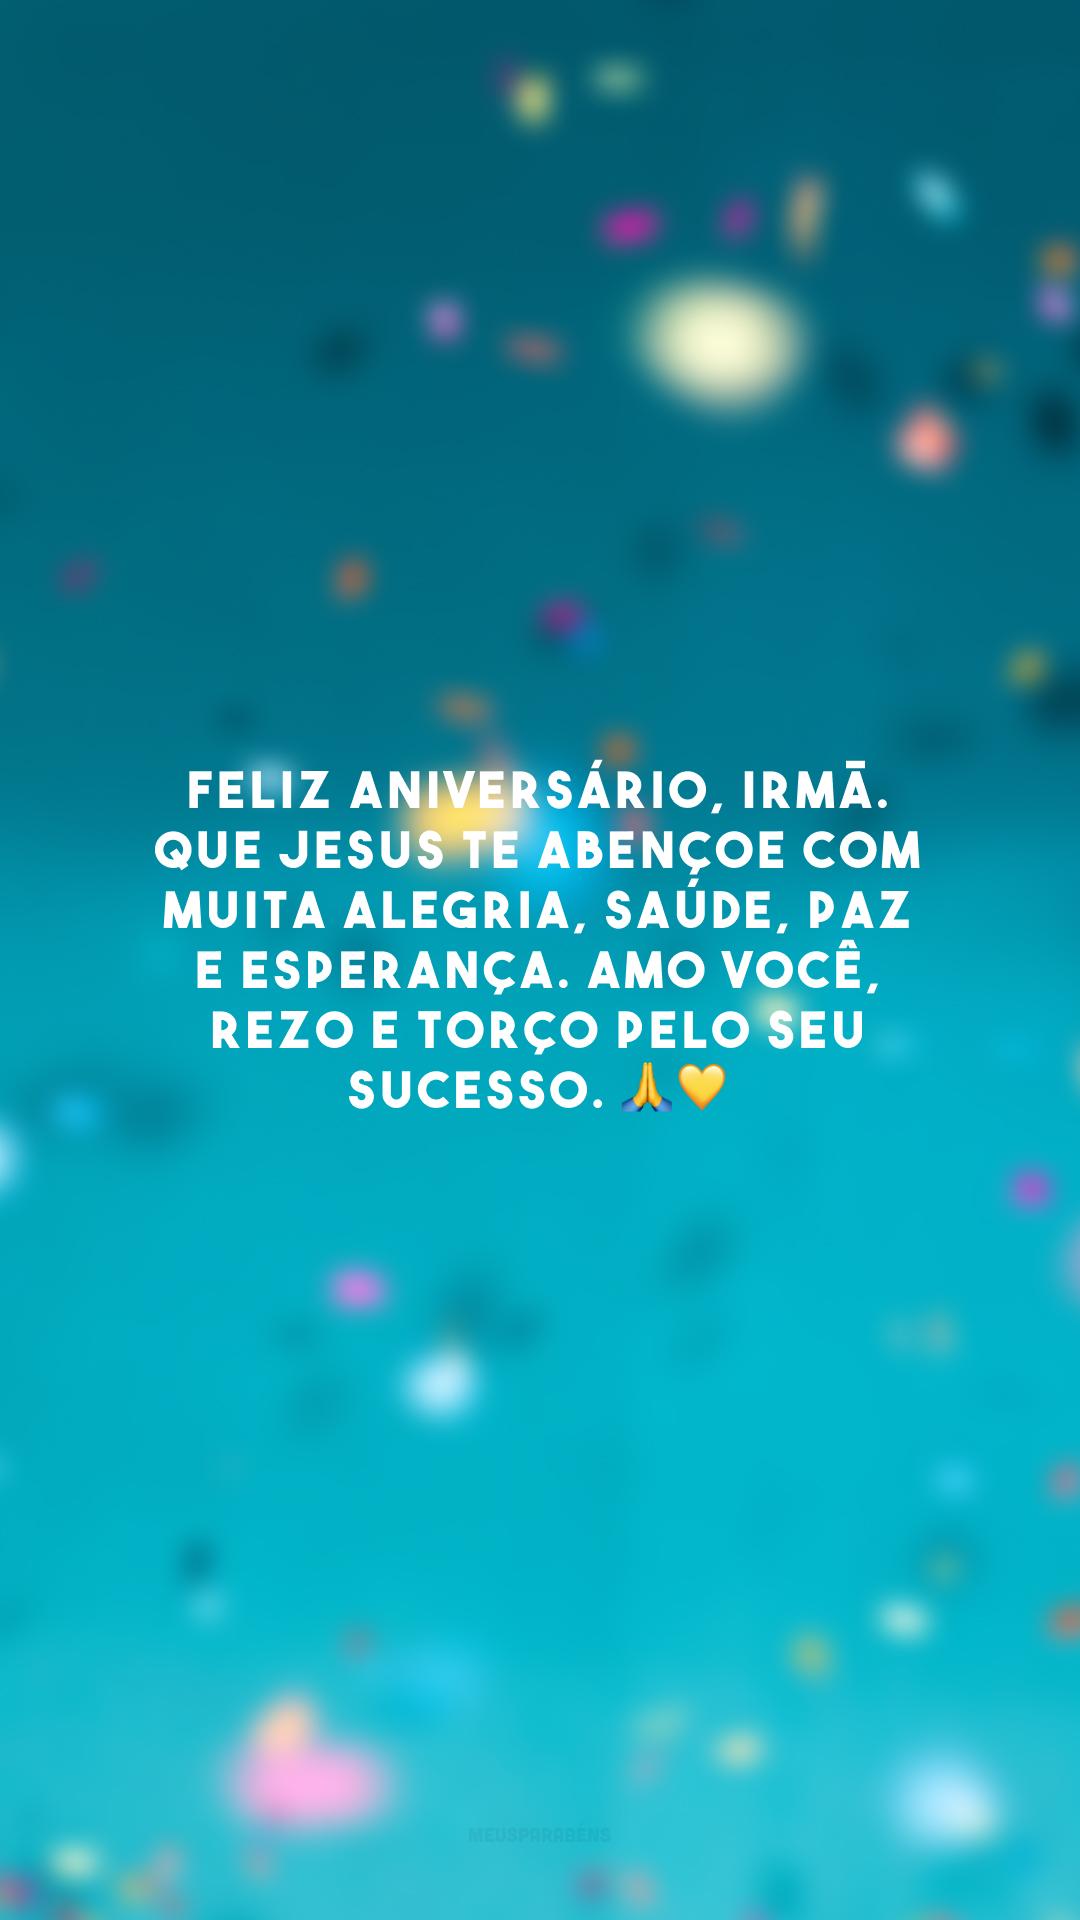 Feliz aniversário, irmã. Que Jesus te abençoe com muita alegria, saúde, paz e esperança. Amo você, rezo e torço pelo seu sucesso. 🙏💛